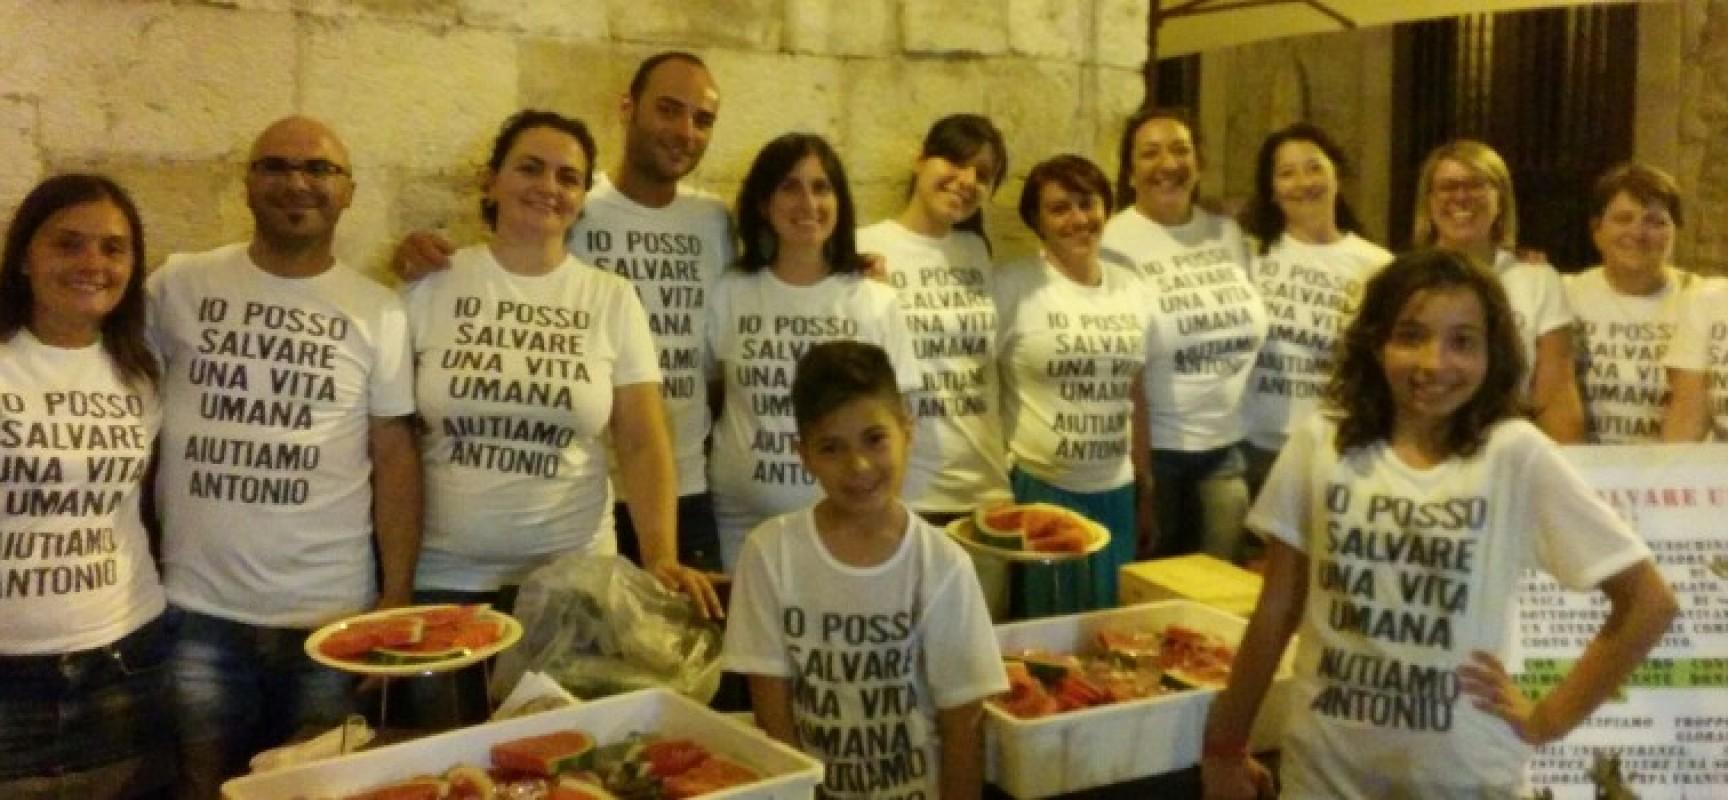 Solidarietà per Antonio, la somma ha raggiunto quota 22.000 euro